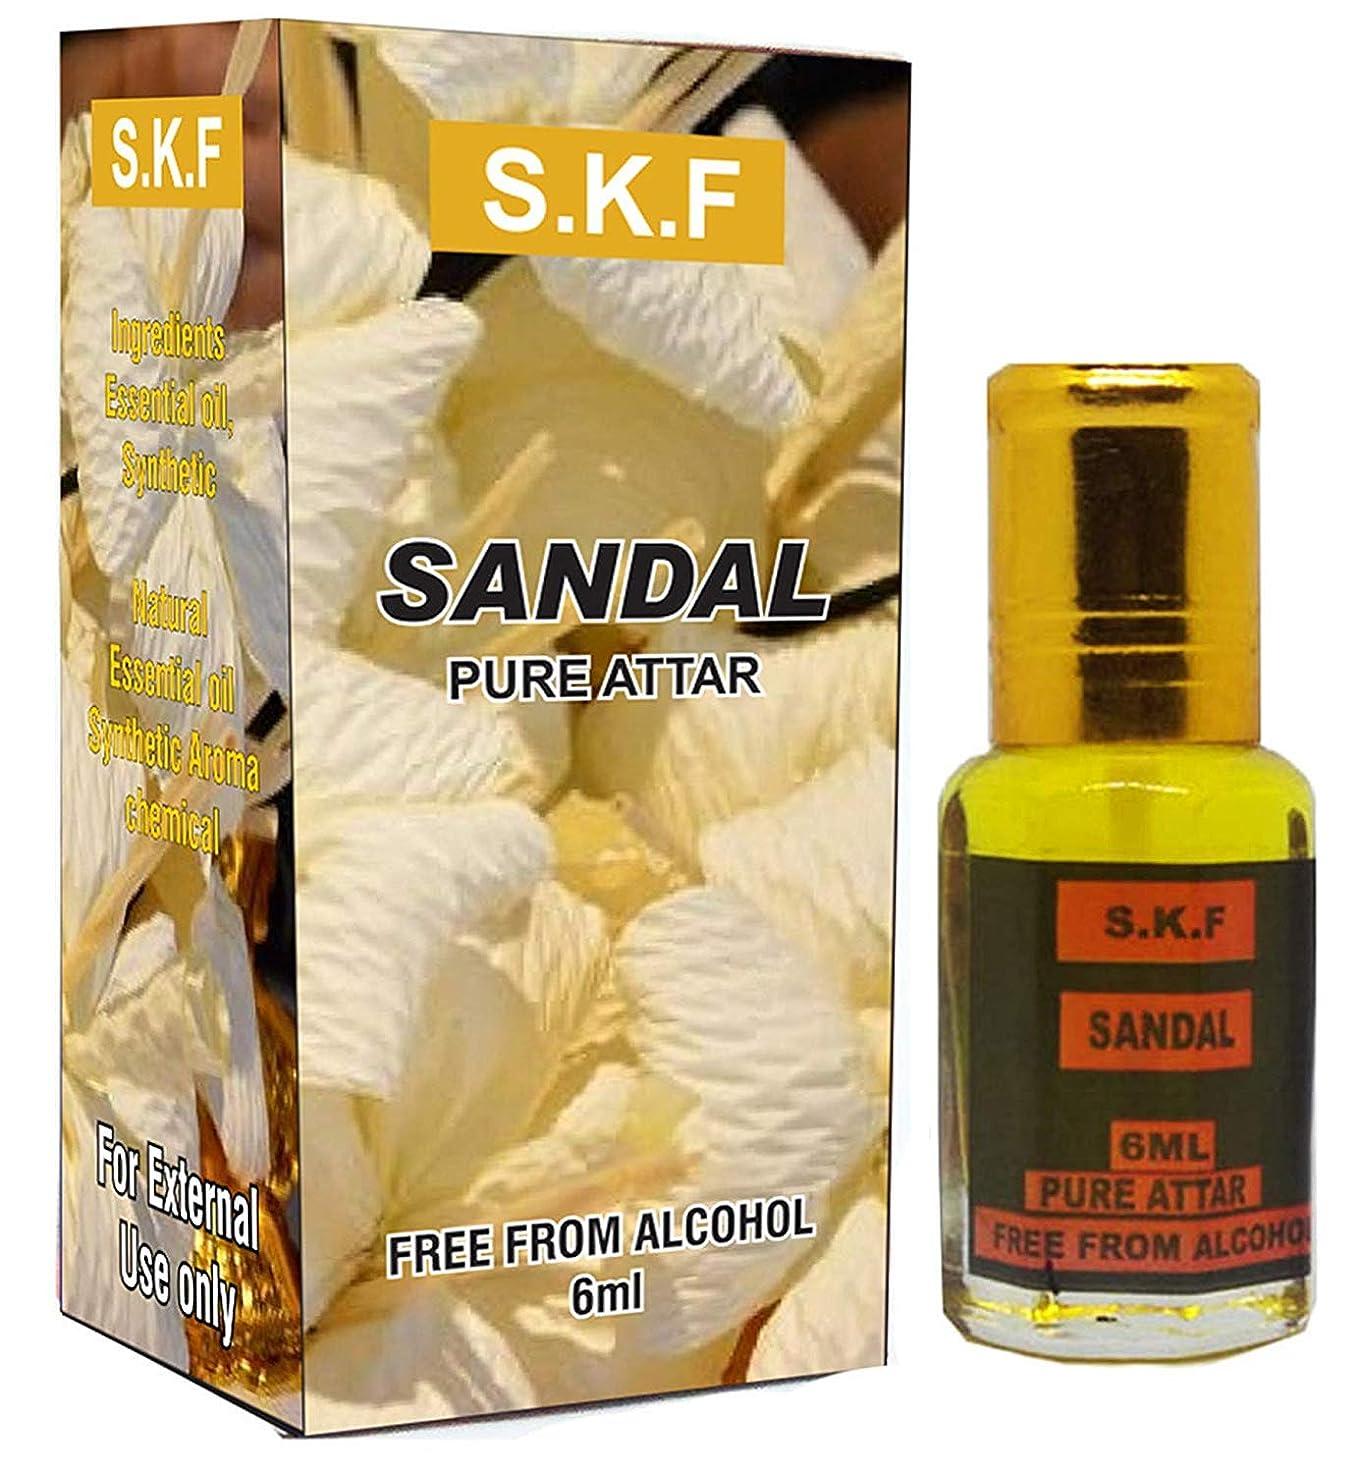 流行カニクレタFragrancessサンダル6mlの上を転がる純粋なアター濃縮香油|アターITRA最高品質の香水はアターを持続長いスプレー